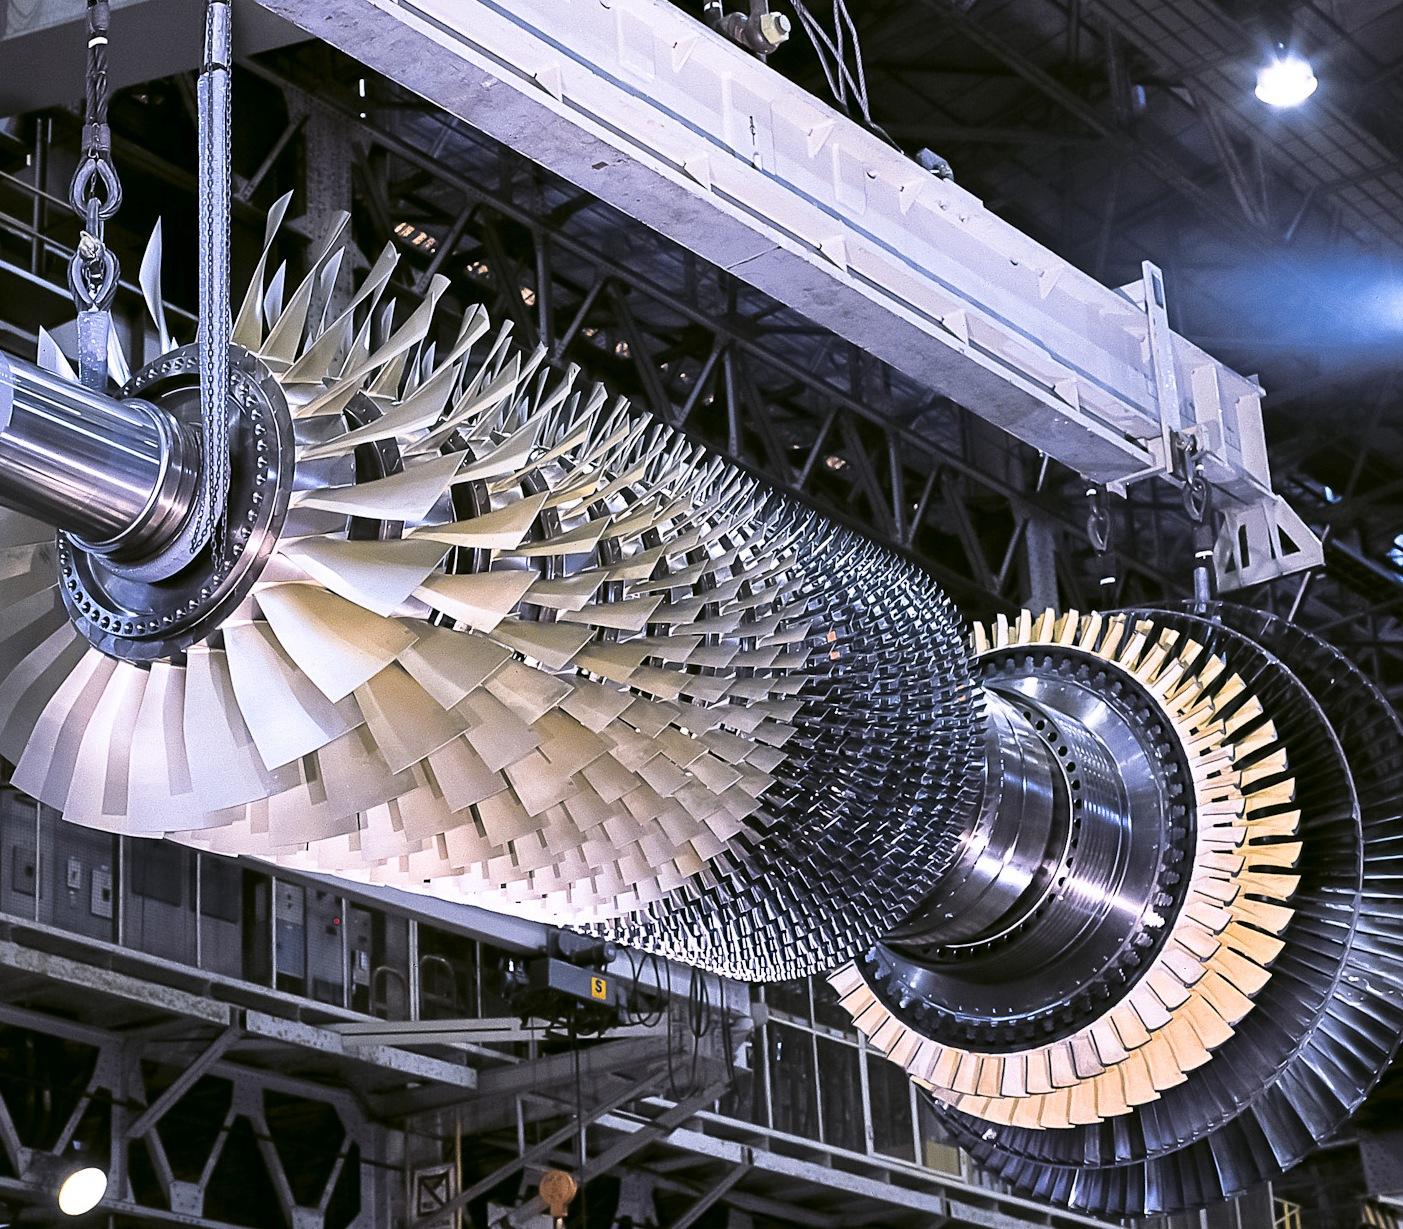 Ротор с лопатками газовой турбины Mitsubishi M501J